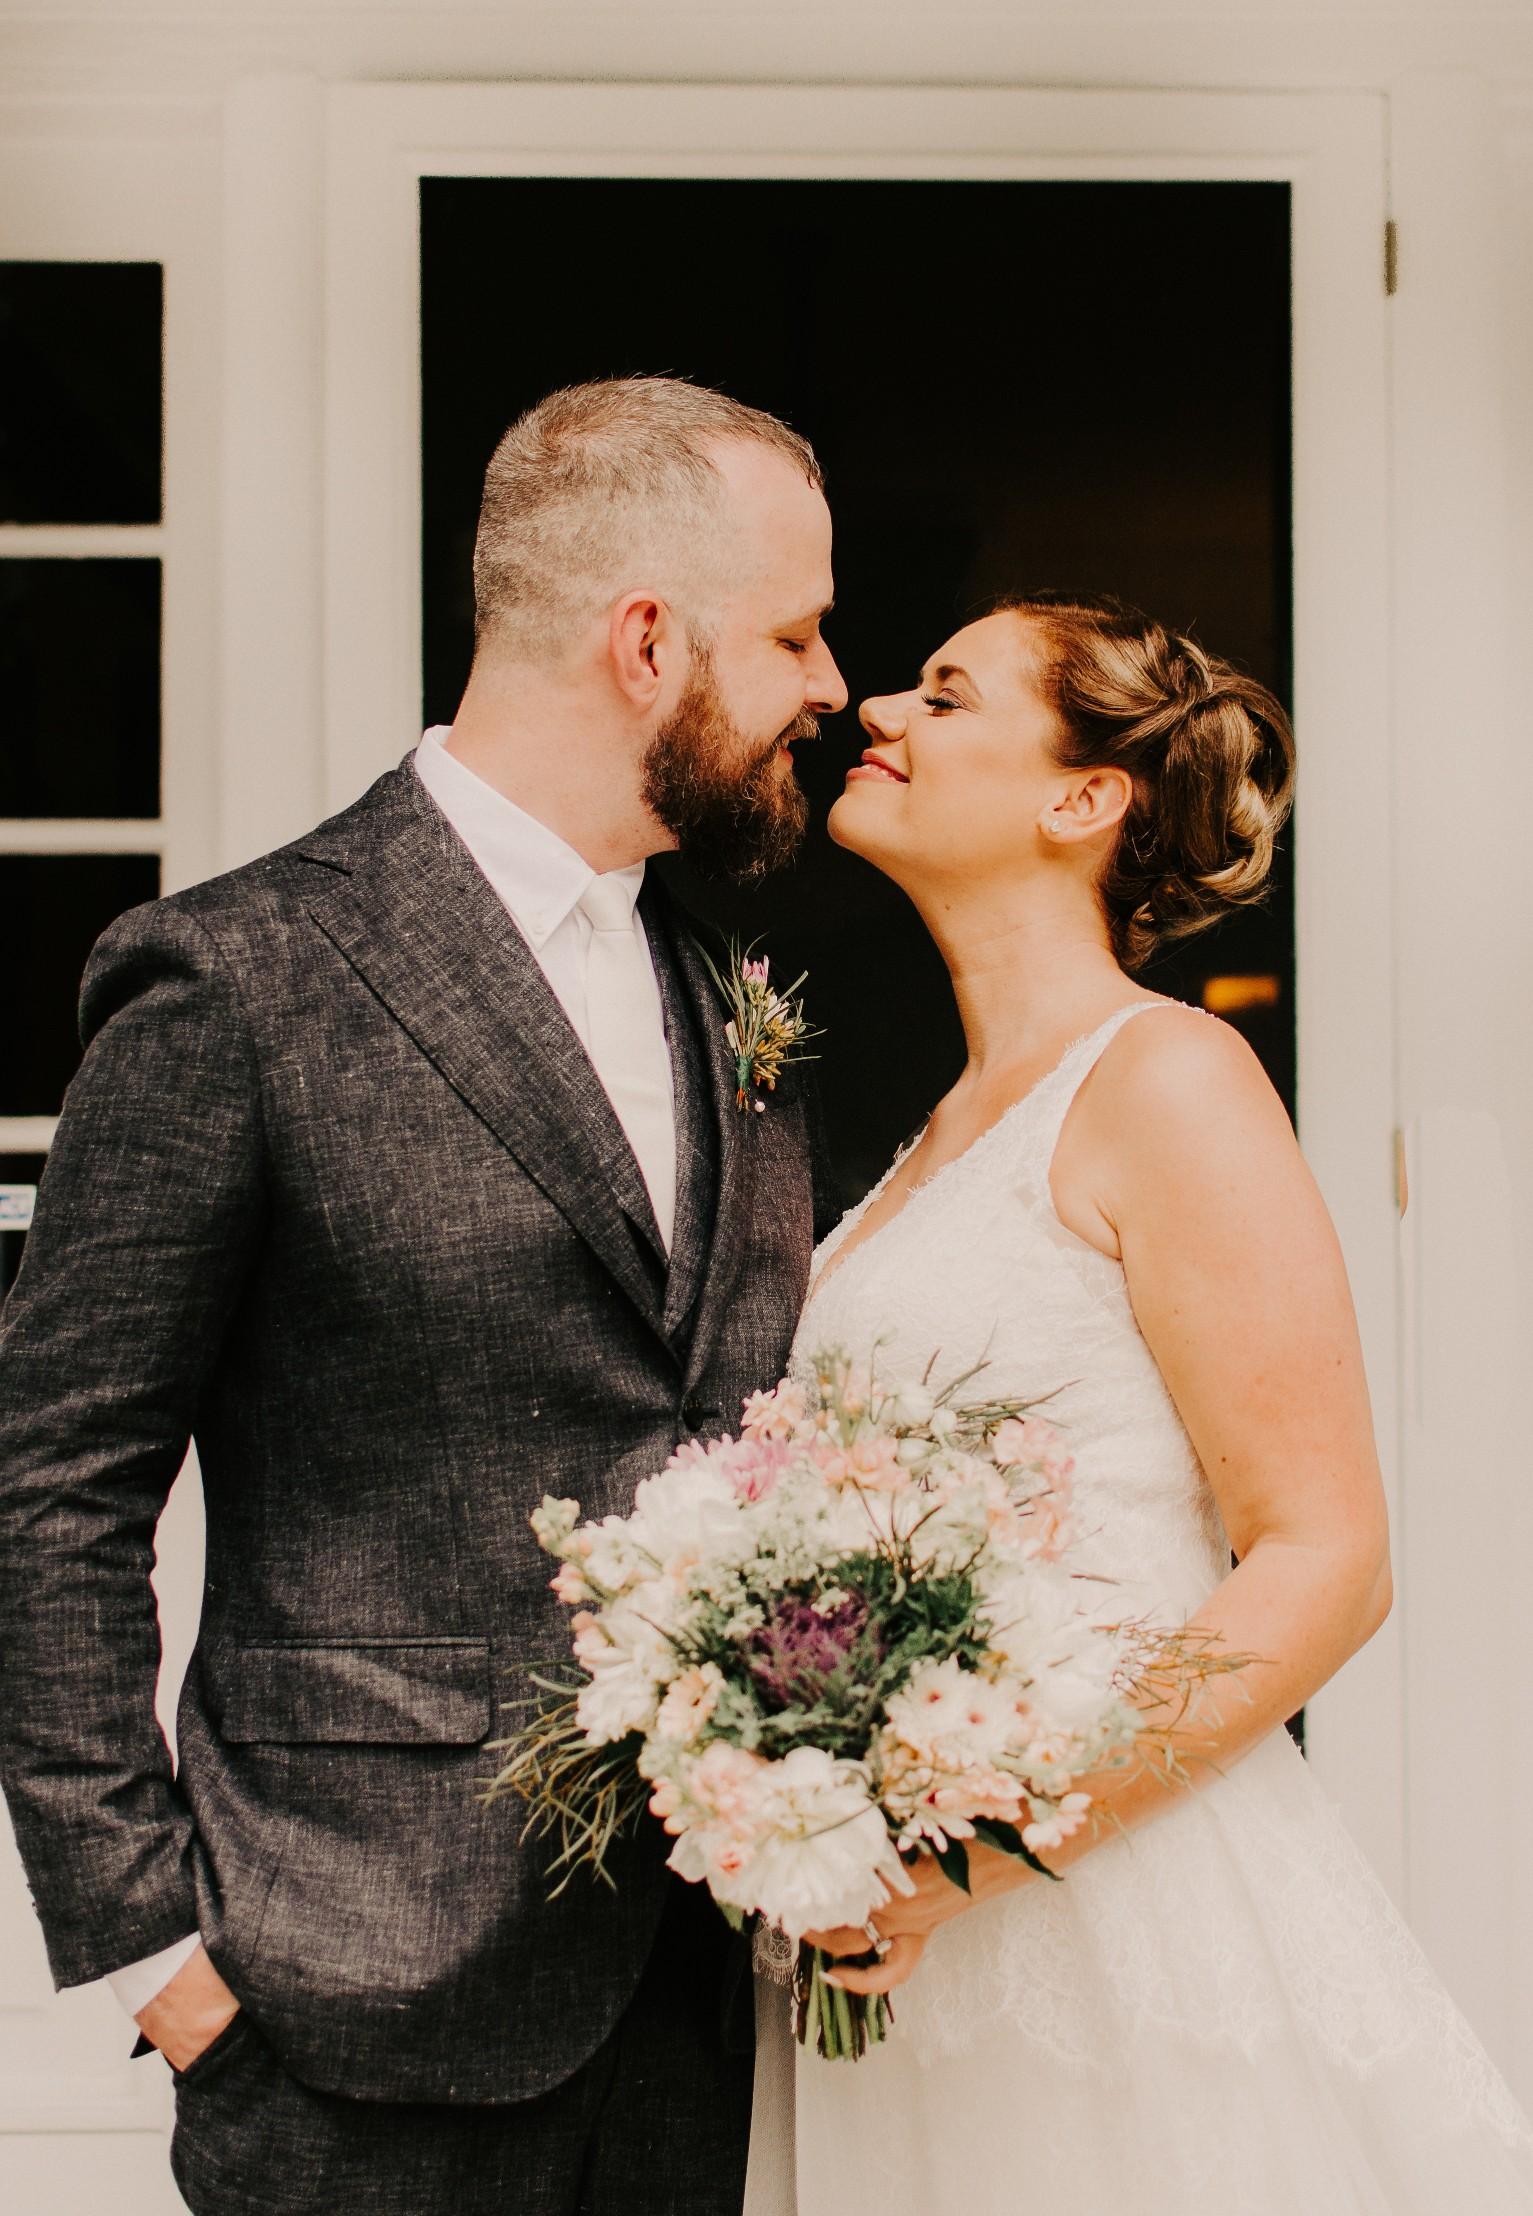 wedding-couple-photography.jpg.